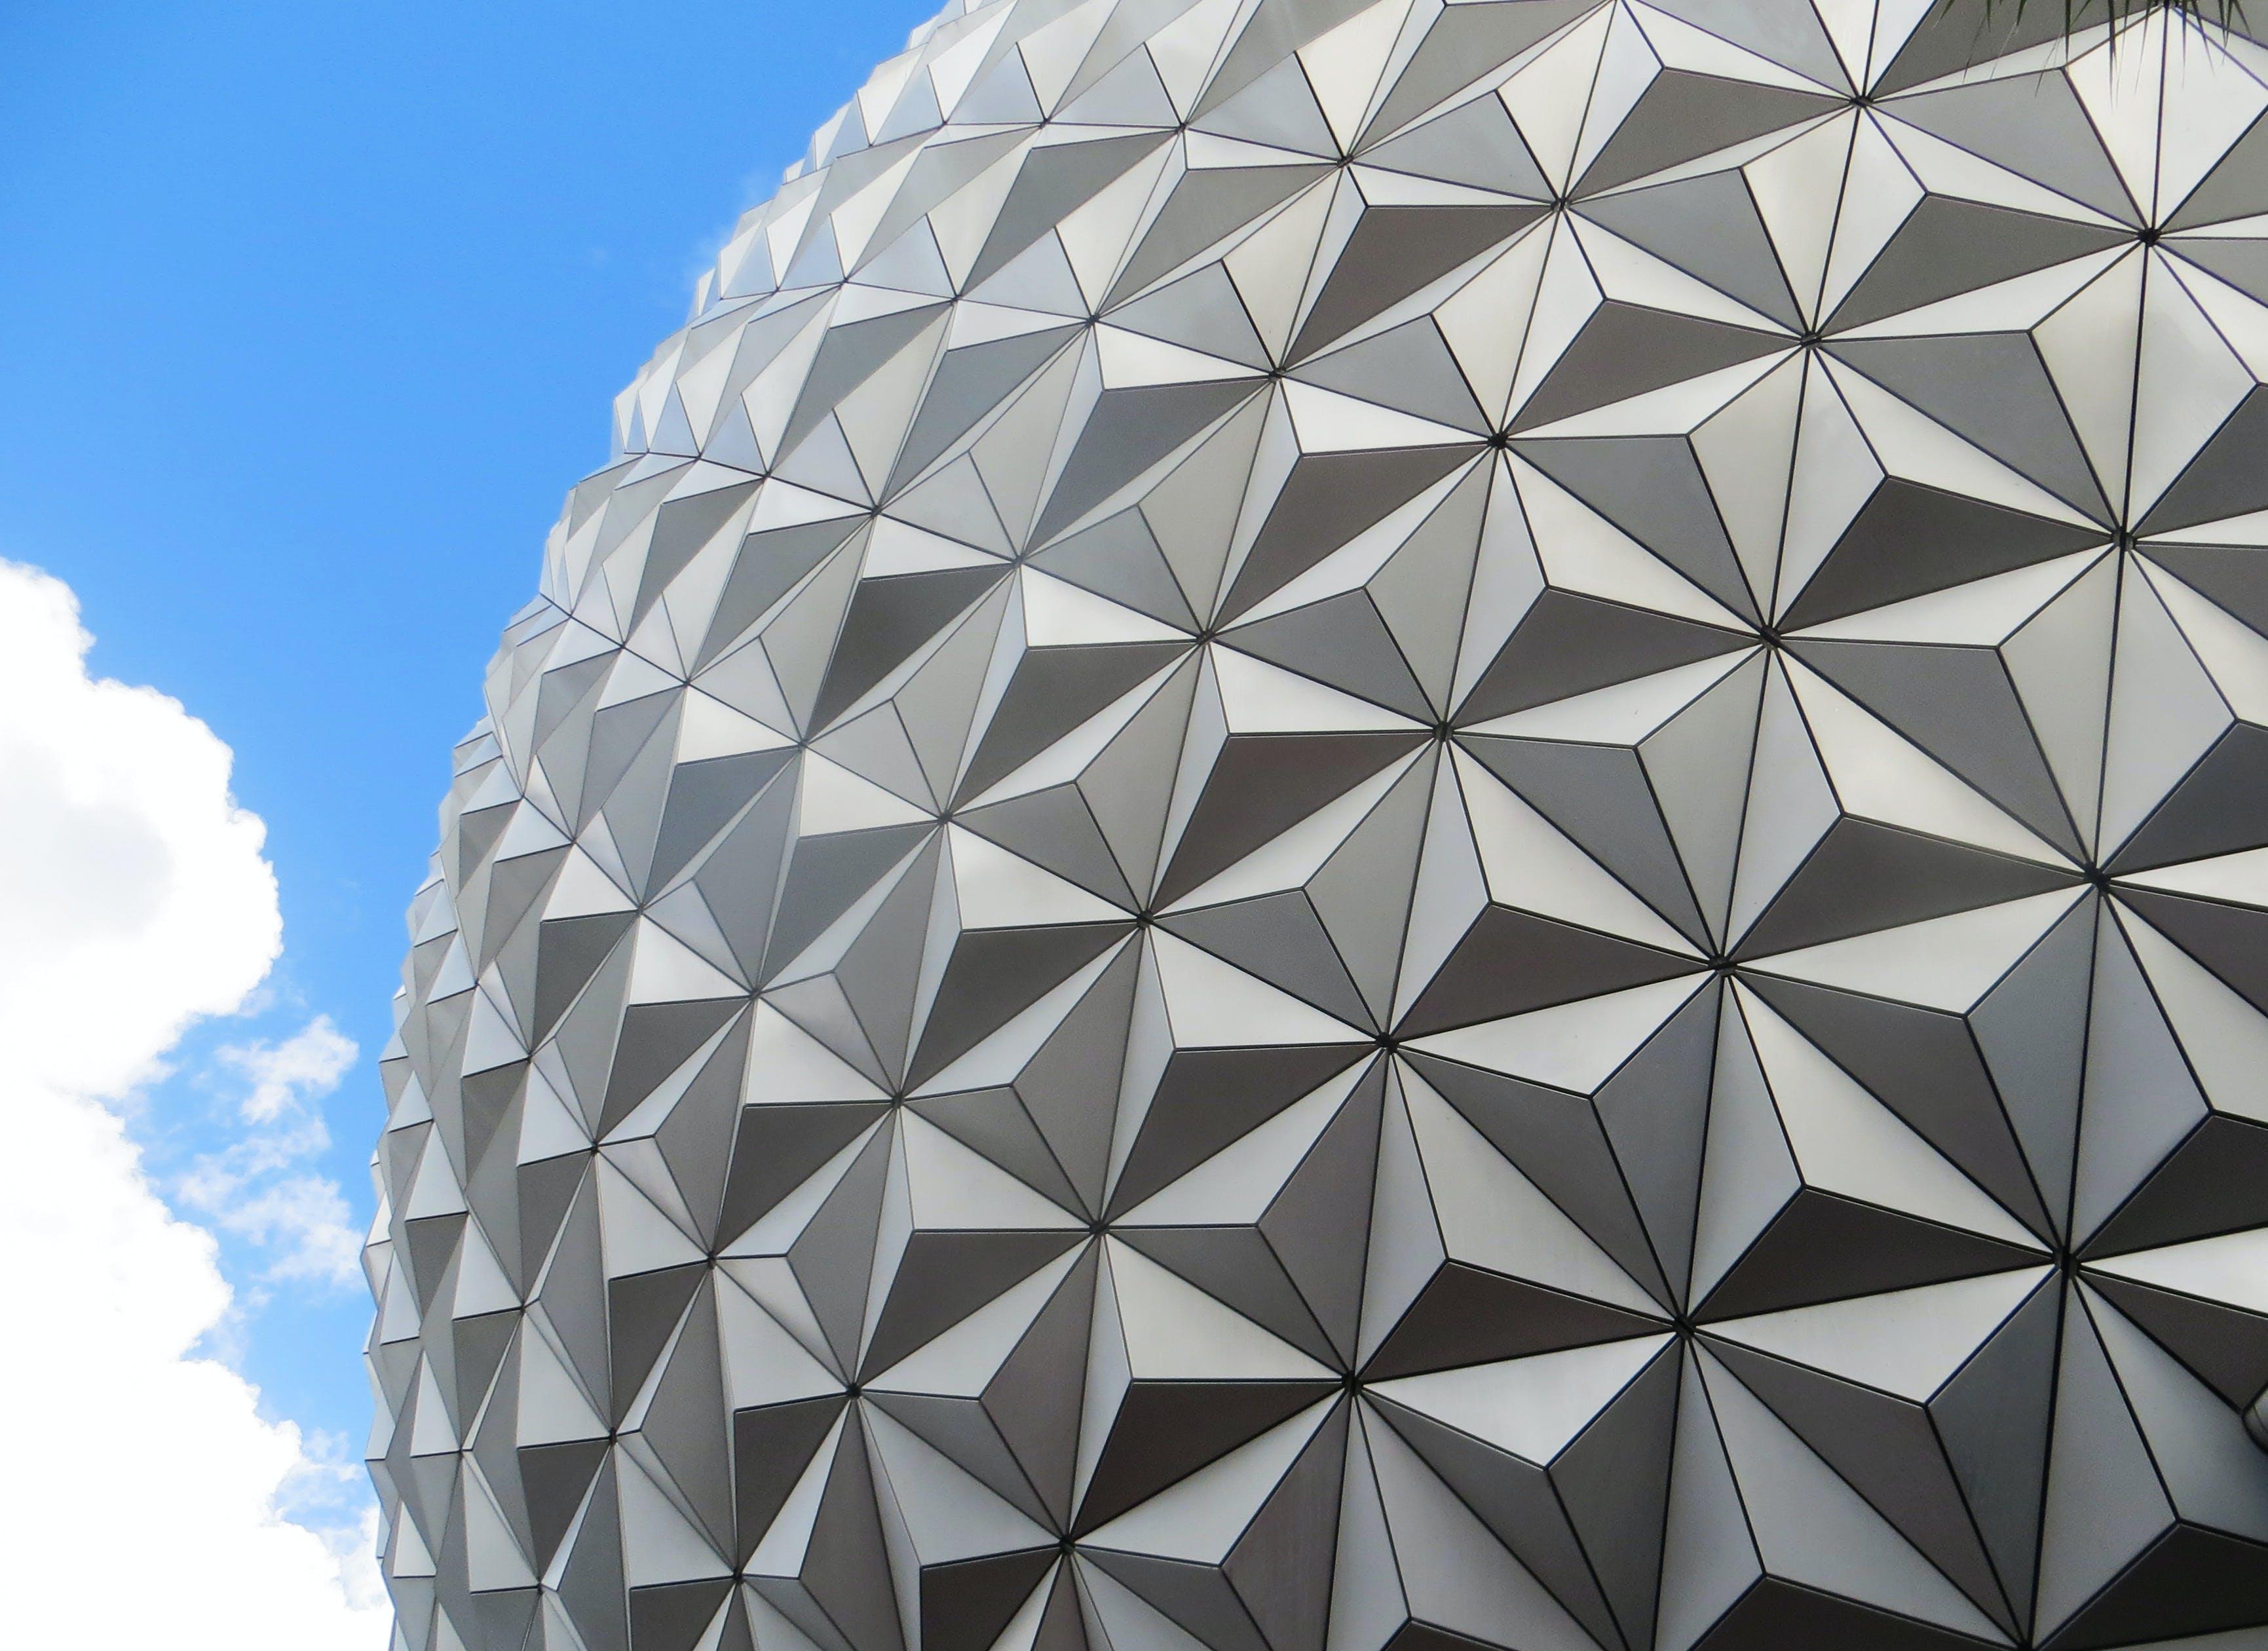 Foto d'estoc gratuïta de arquitectura, art, artístic, bola